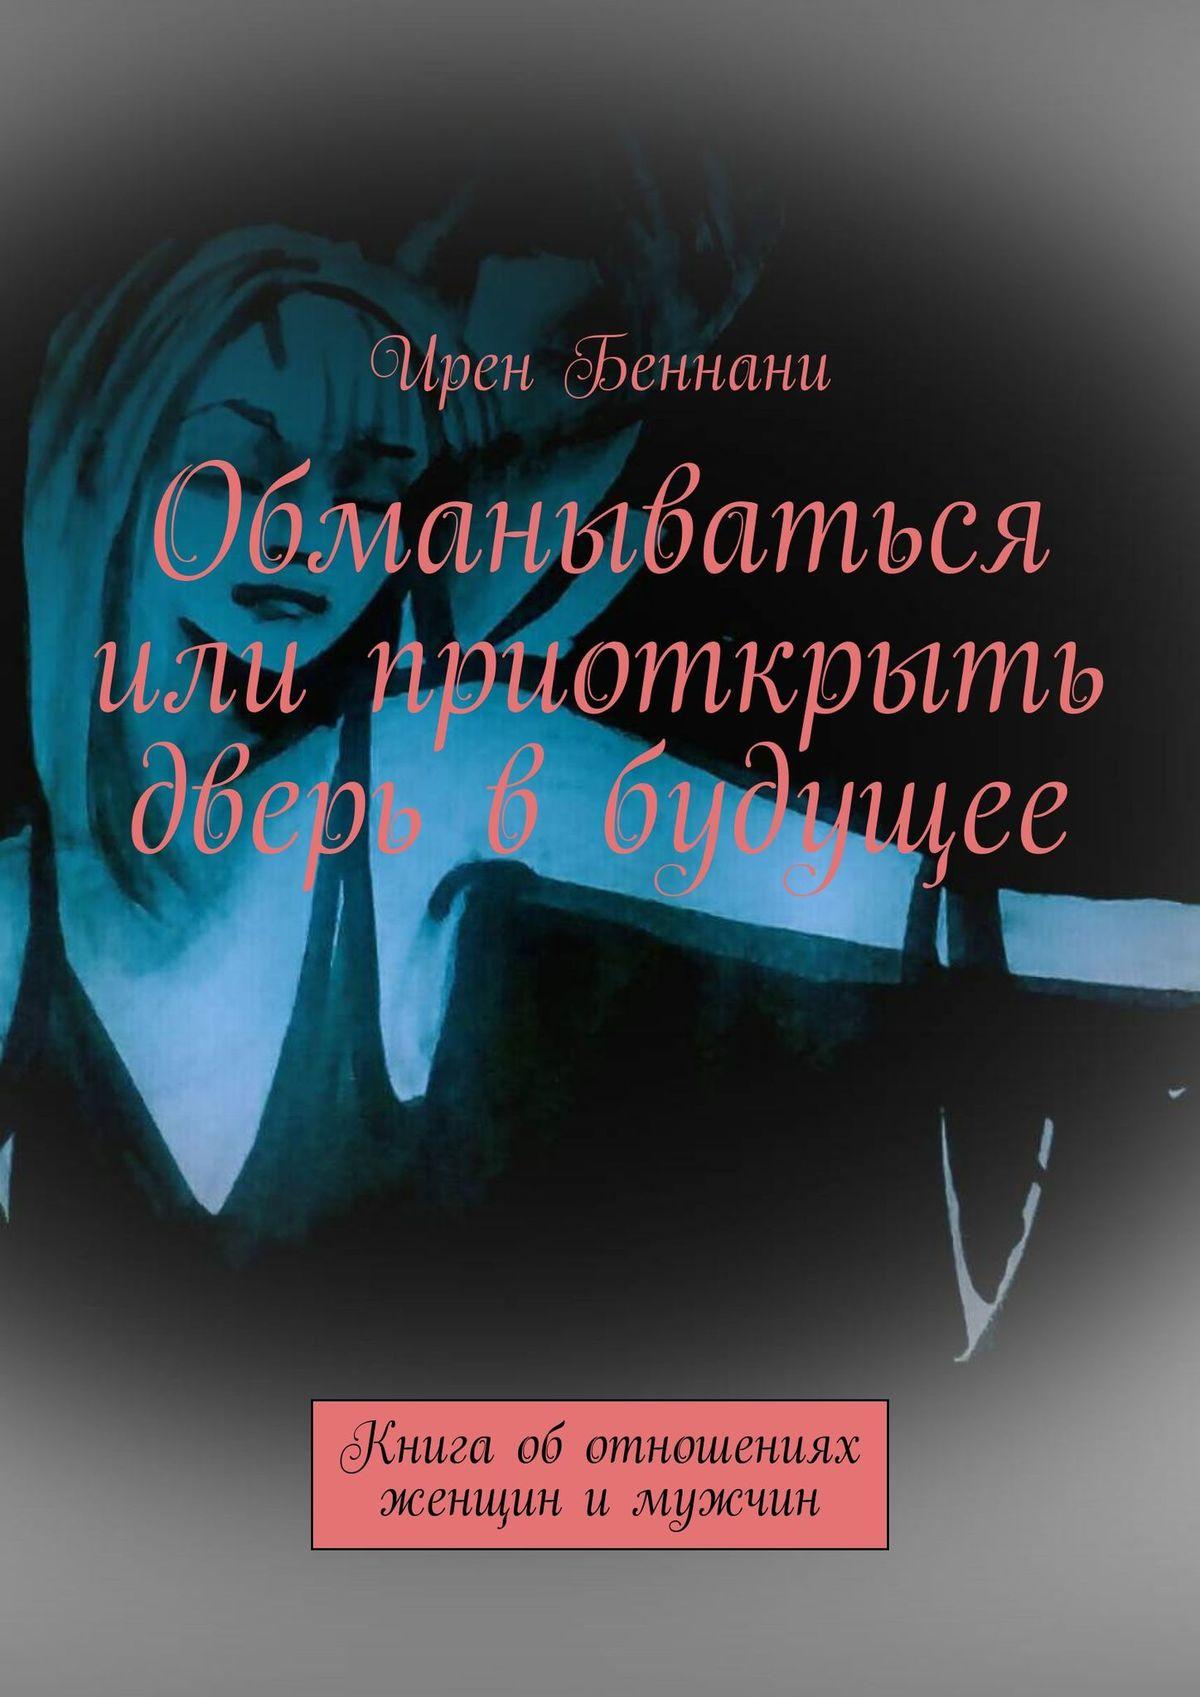 Фото - Ирен Беннани Обманываться илиприоткрыть дверь вбудущее. Книга оботношениях женщины имужчины каку м будущее разума